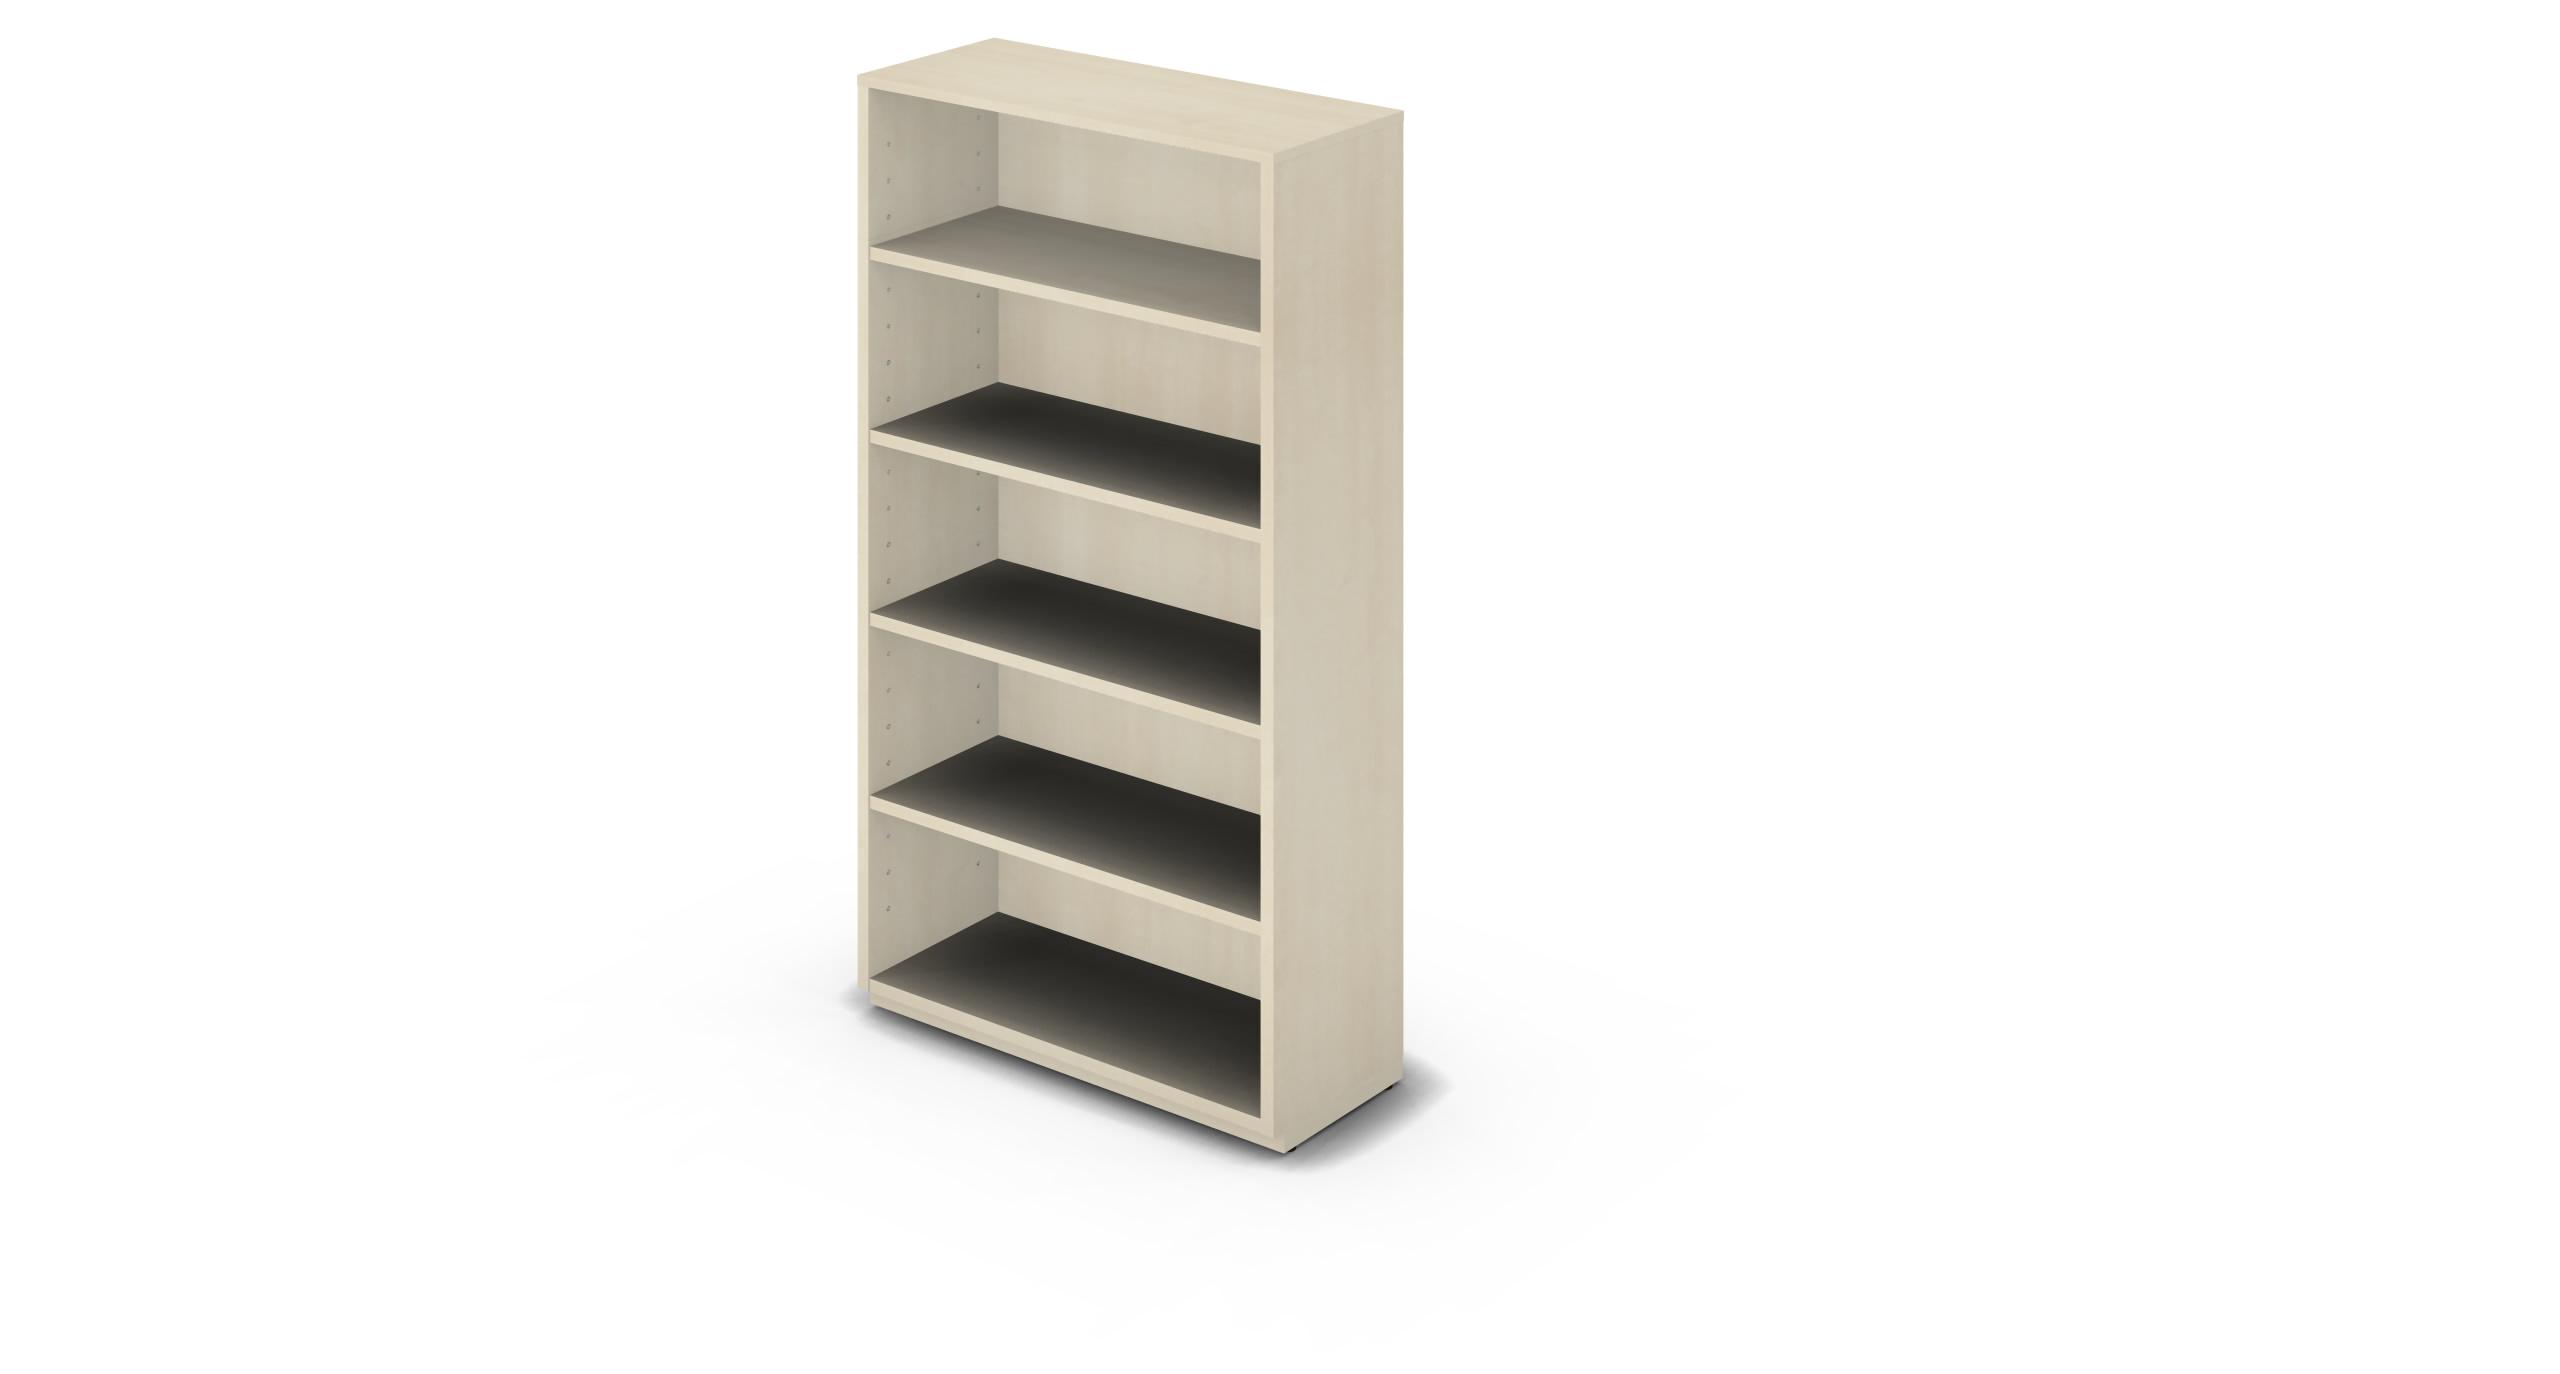 Shelf_900x350x1800_Maple